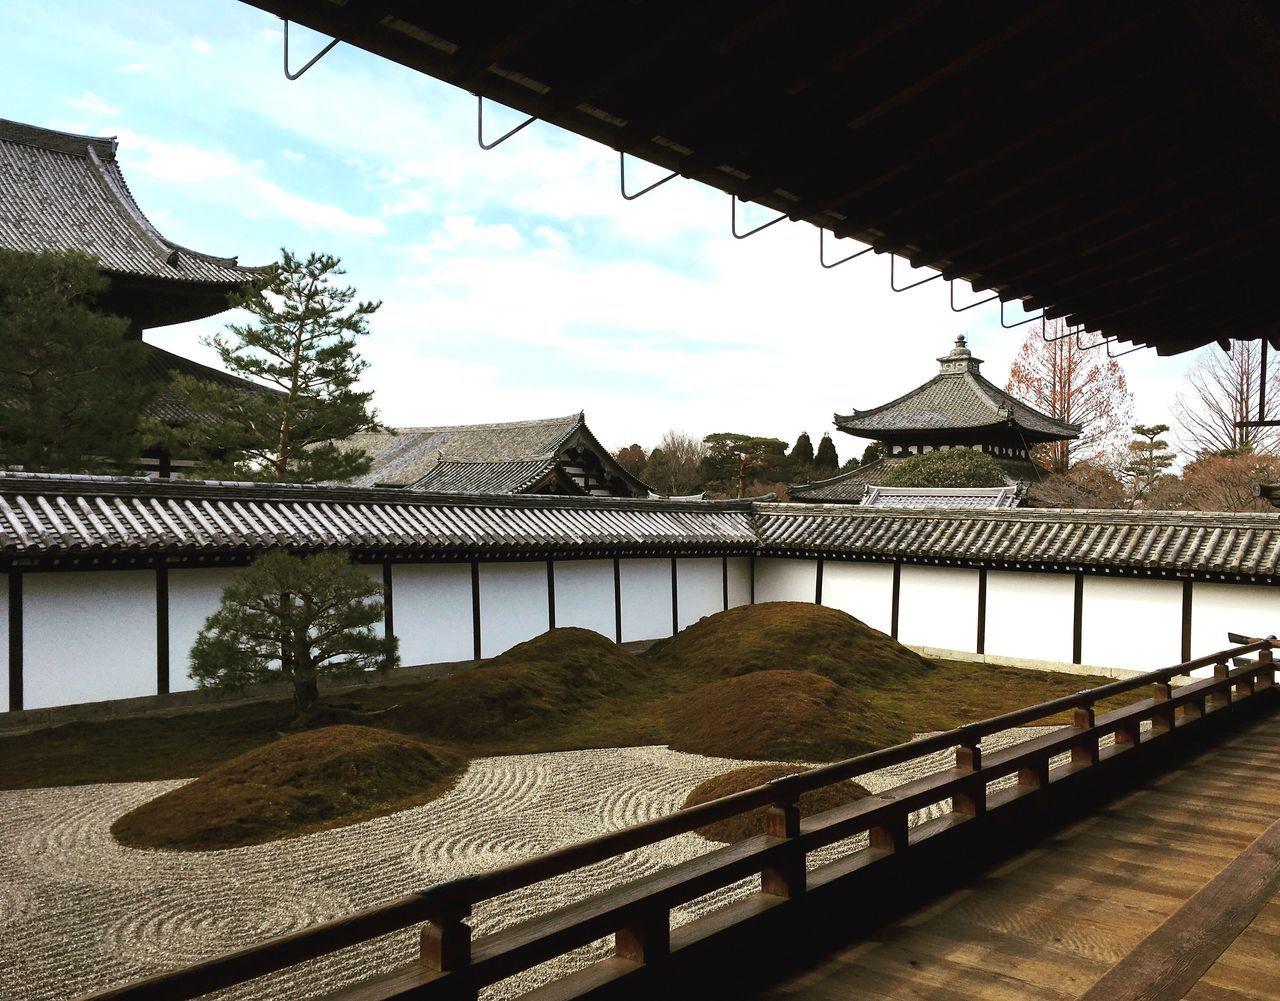 東福寺 方丈庭園 京都 Kyoto Kyoto Garden Kyoto, Japan Enjoying Life Travel Destinations Japanese Garden 3XSPUnity Hello World Day Kyoto Temple